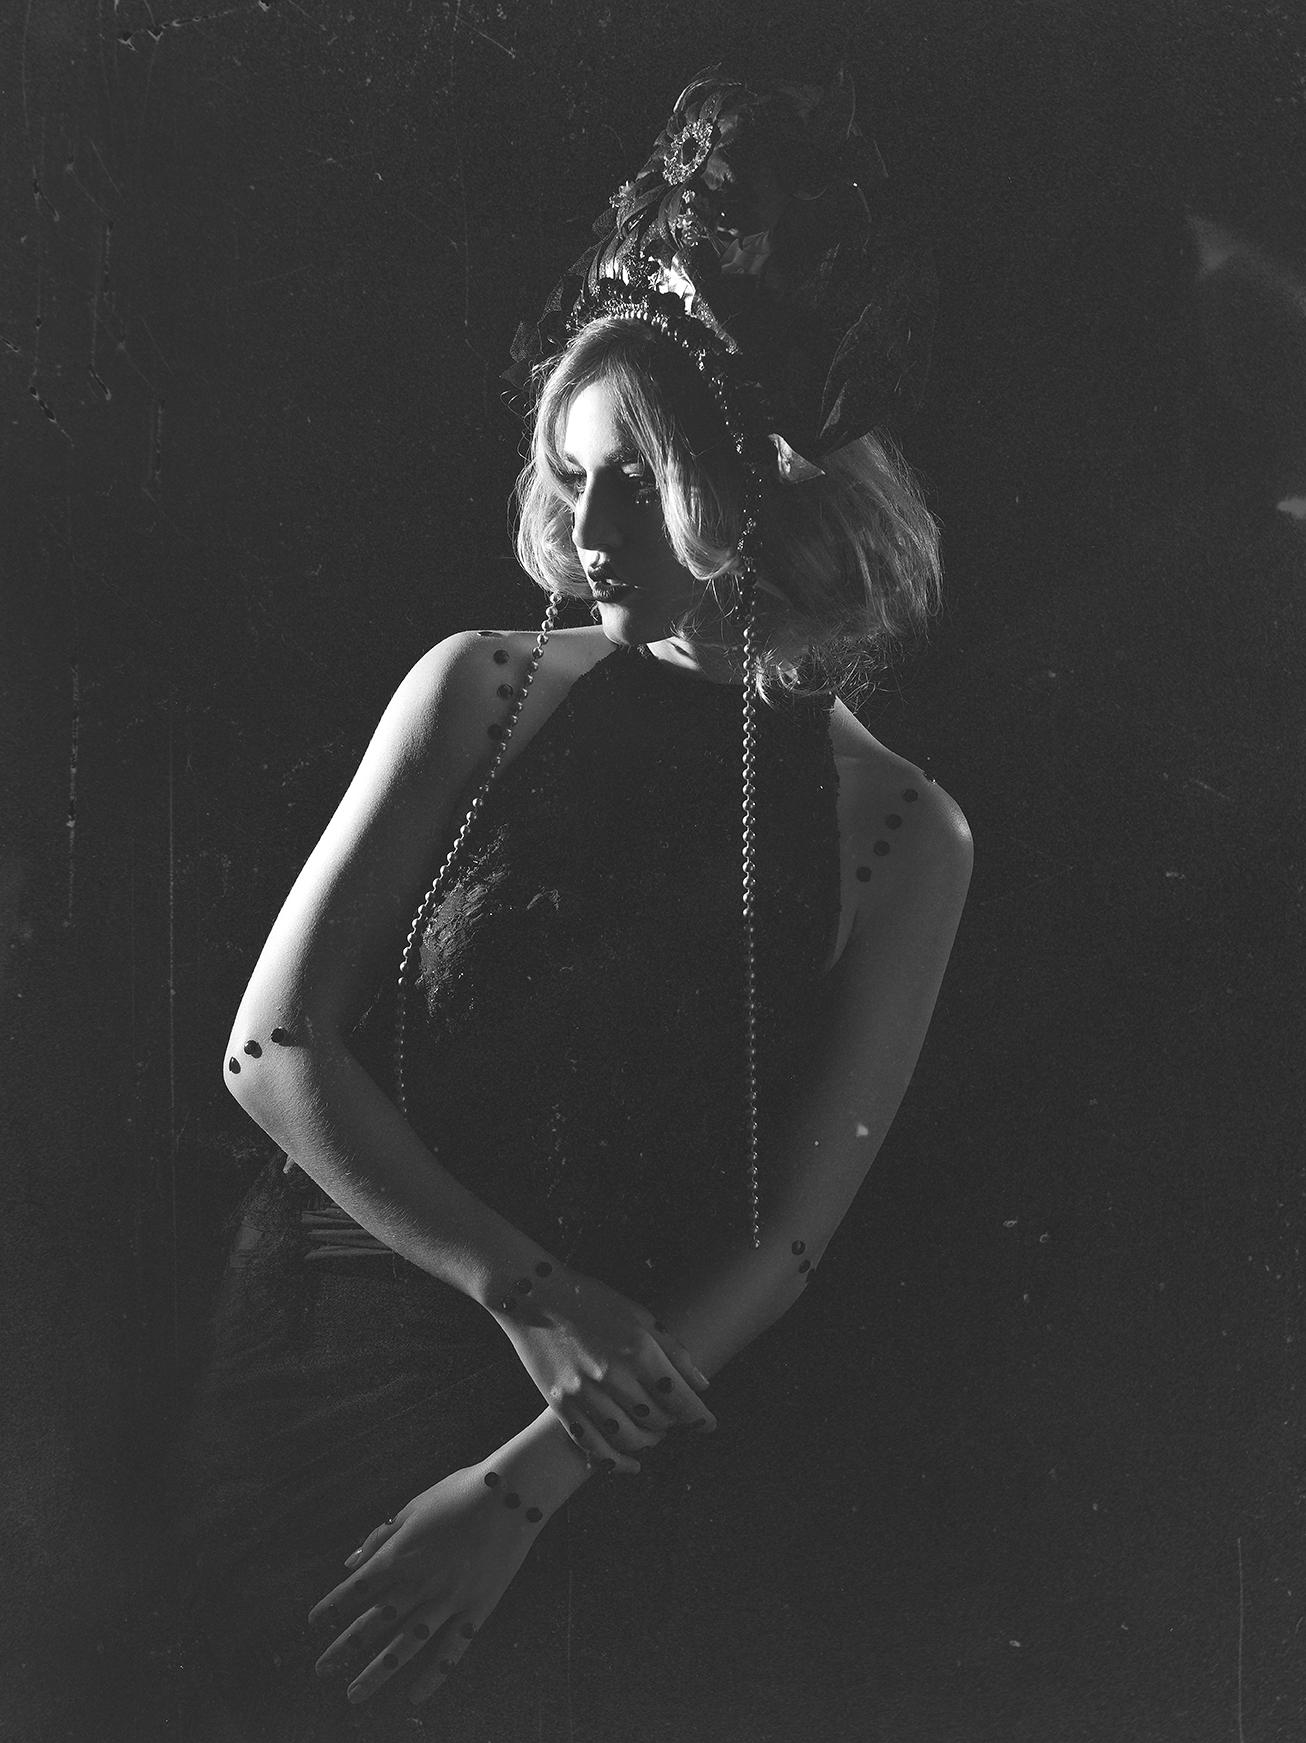 Modelo: Alina Act  MAquillaje y Peluquería: Loree Morales y Debora Pe  Estilismo: Avalon Saez  Vestido: La tua Pelle  Tocado: Javier Nuñez